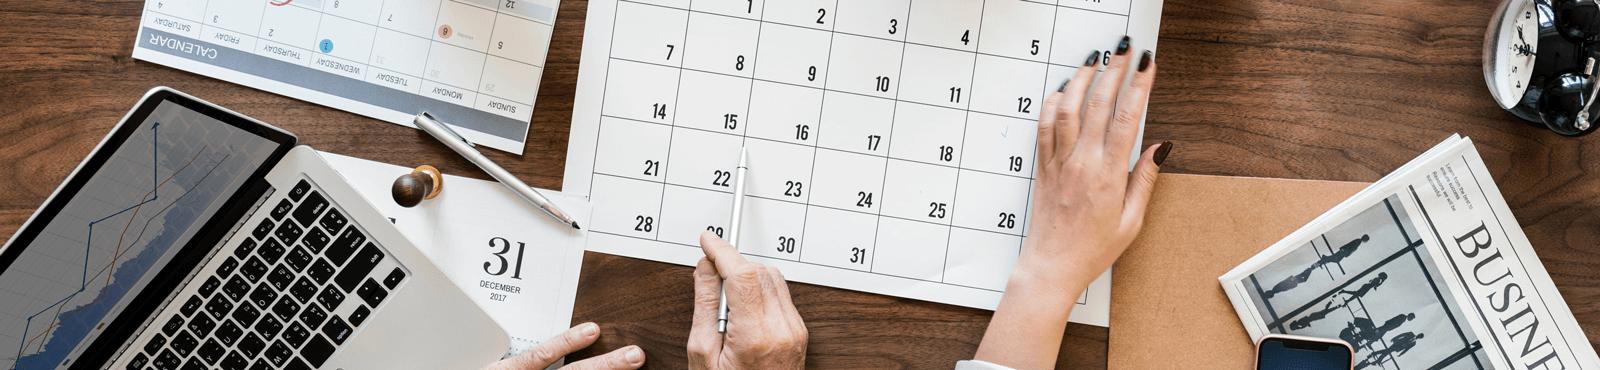 Steuerliche EÜR-Grauzone: So nutzen Sie die 10-Tagesfrist am Jahresende